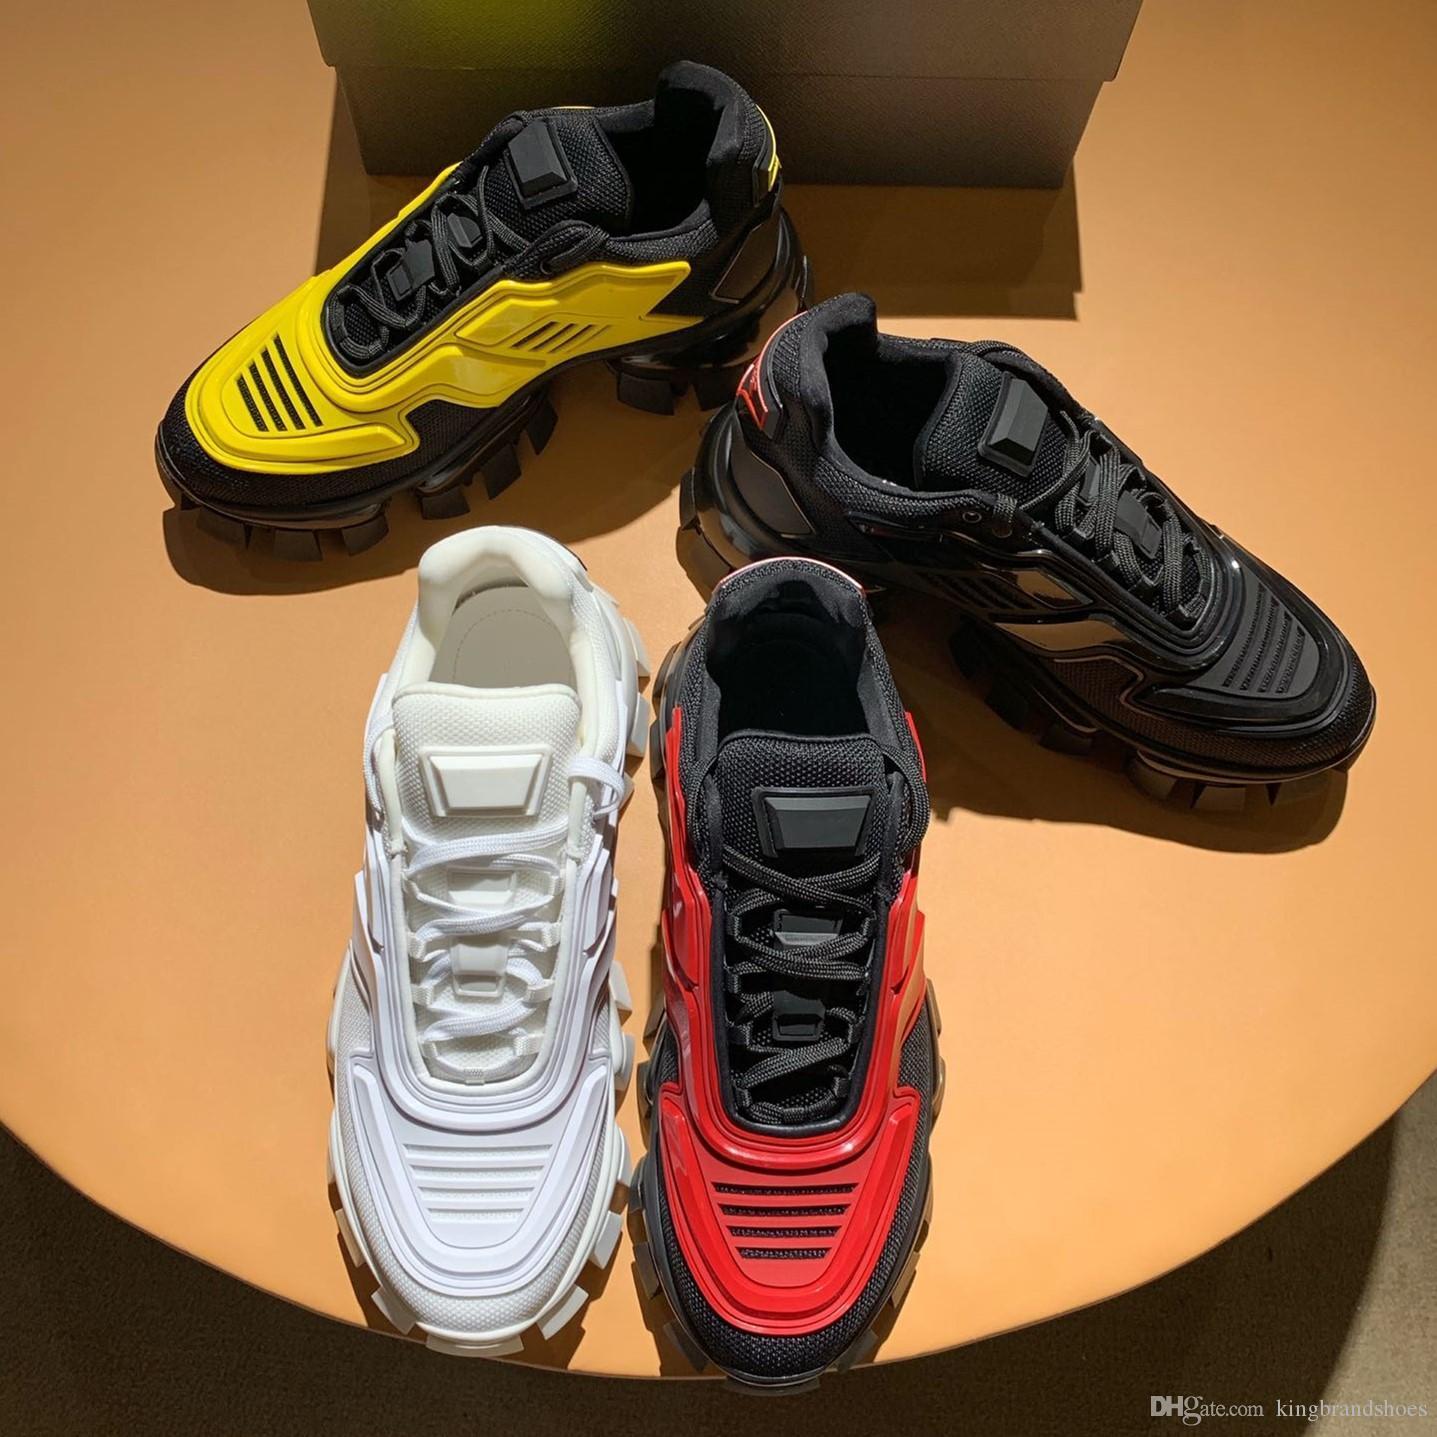 chaussures de sport de luxe nouvelles chaussures hommes robot chaussures de papa épais et semelles à talons hauts chaussures casual antidérapants respirant baskets rétro